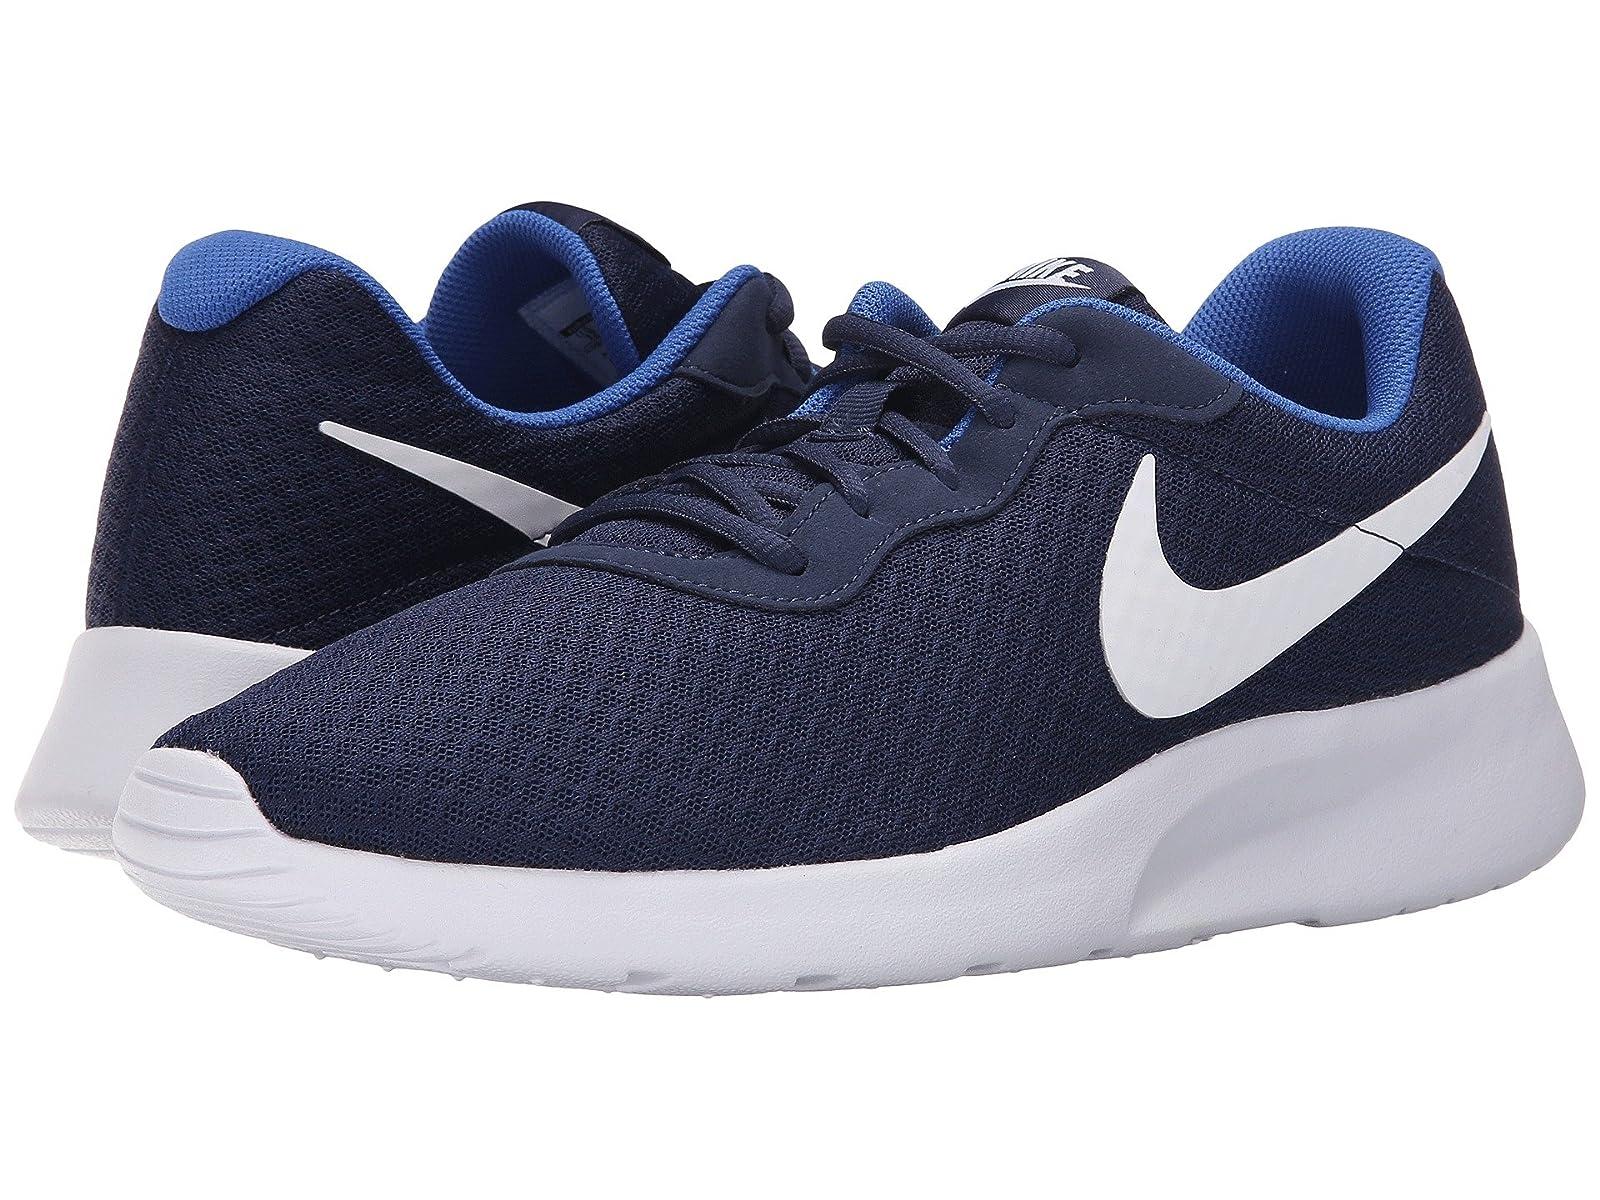 Nike TanjunAtmospheric grades have affordable shoes